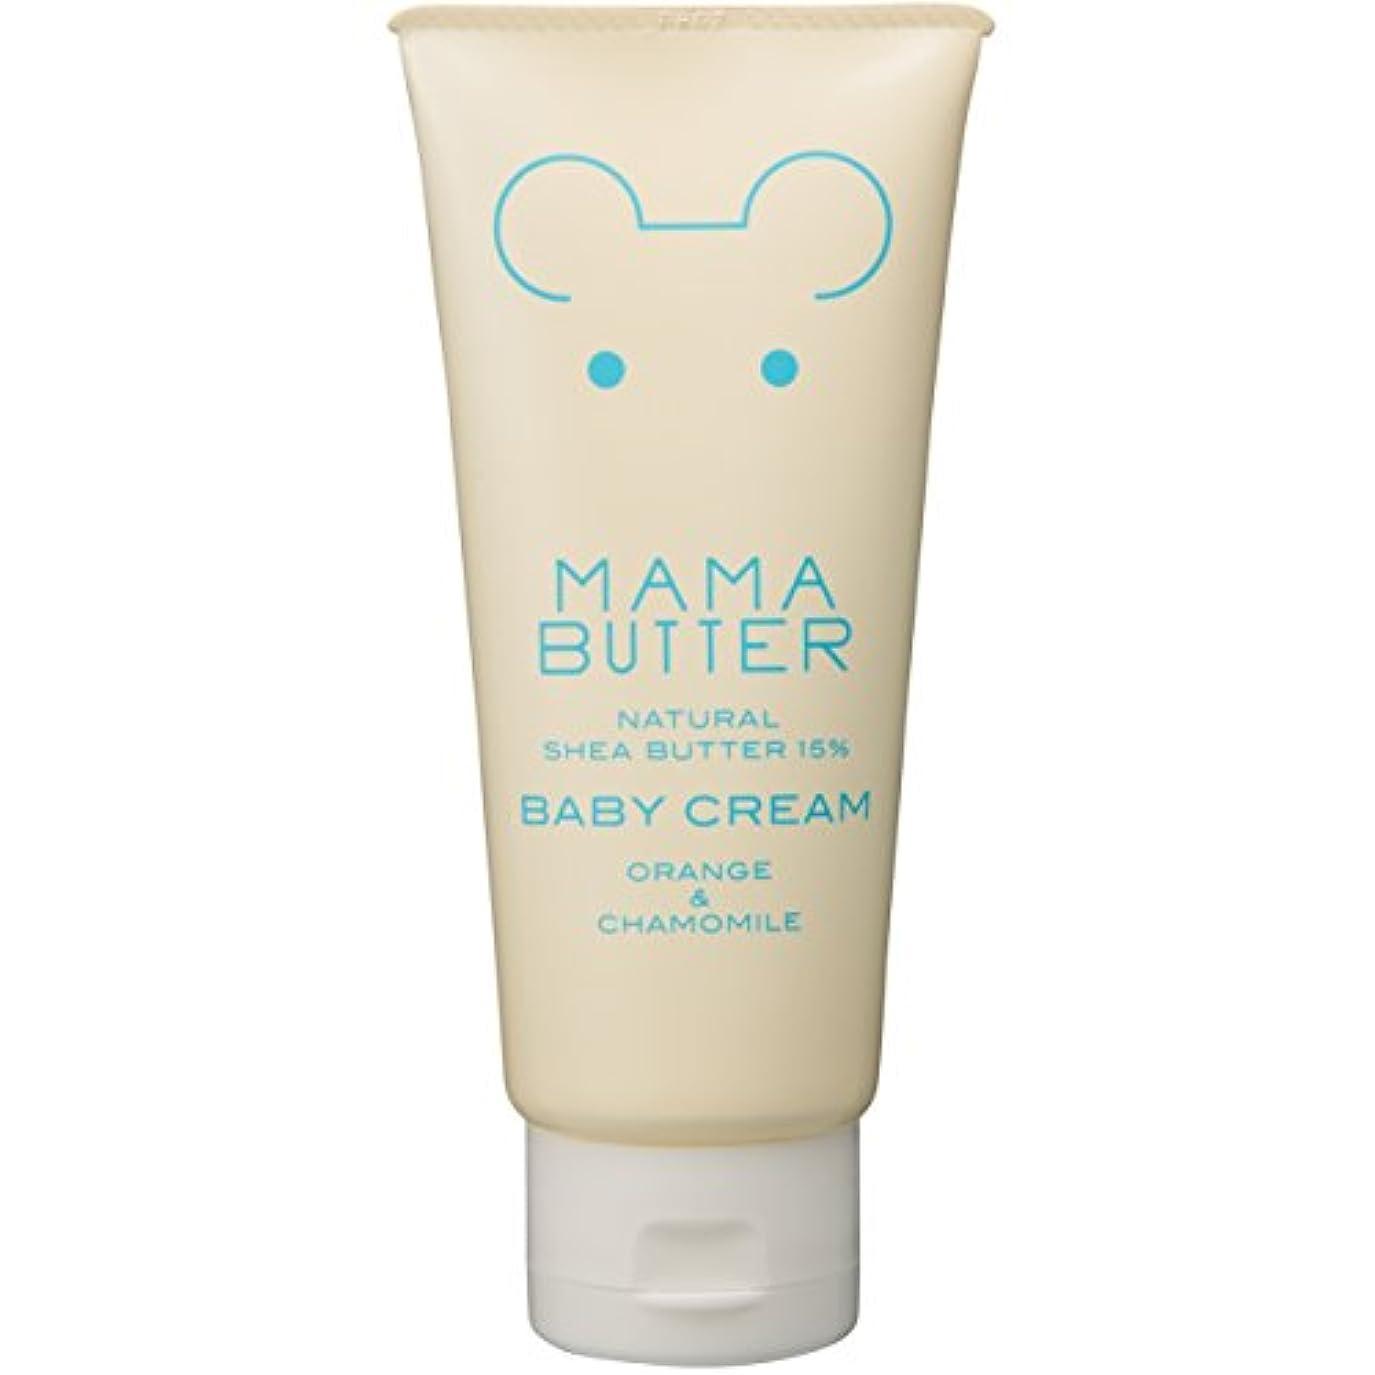 寛大な毛皮面積ママバター ベビークリーム 天然 オレンジ&カモミールの香り 130g